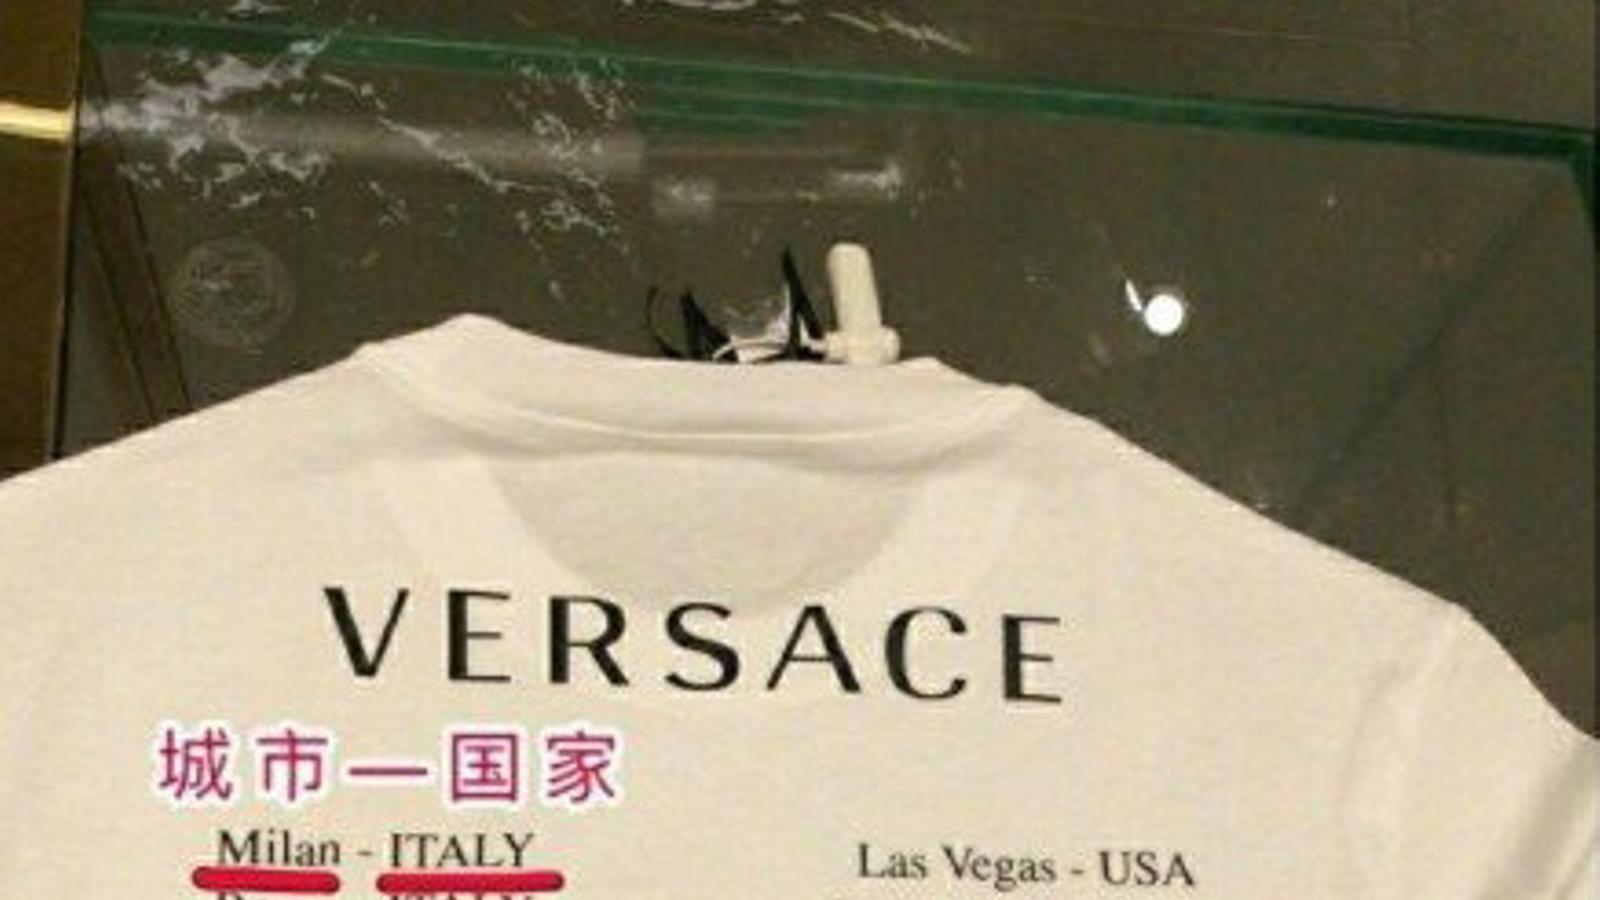 La samarreta de Versace que ha aixecat la polèmica a La Xina